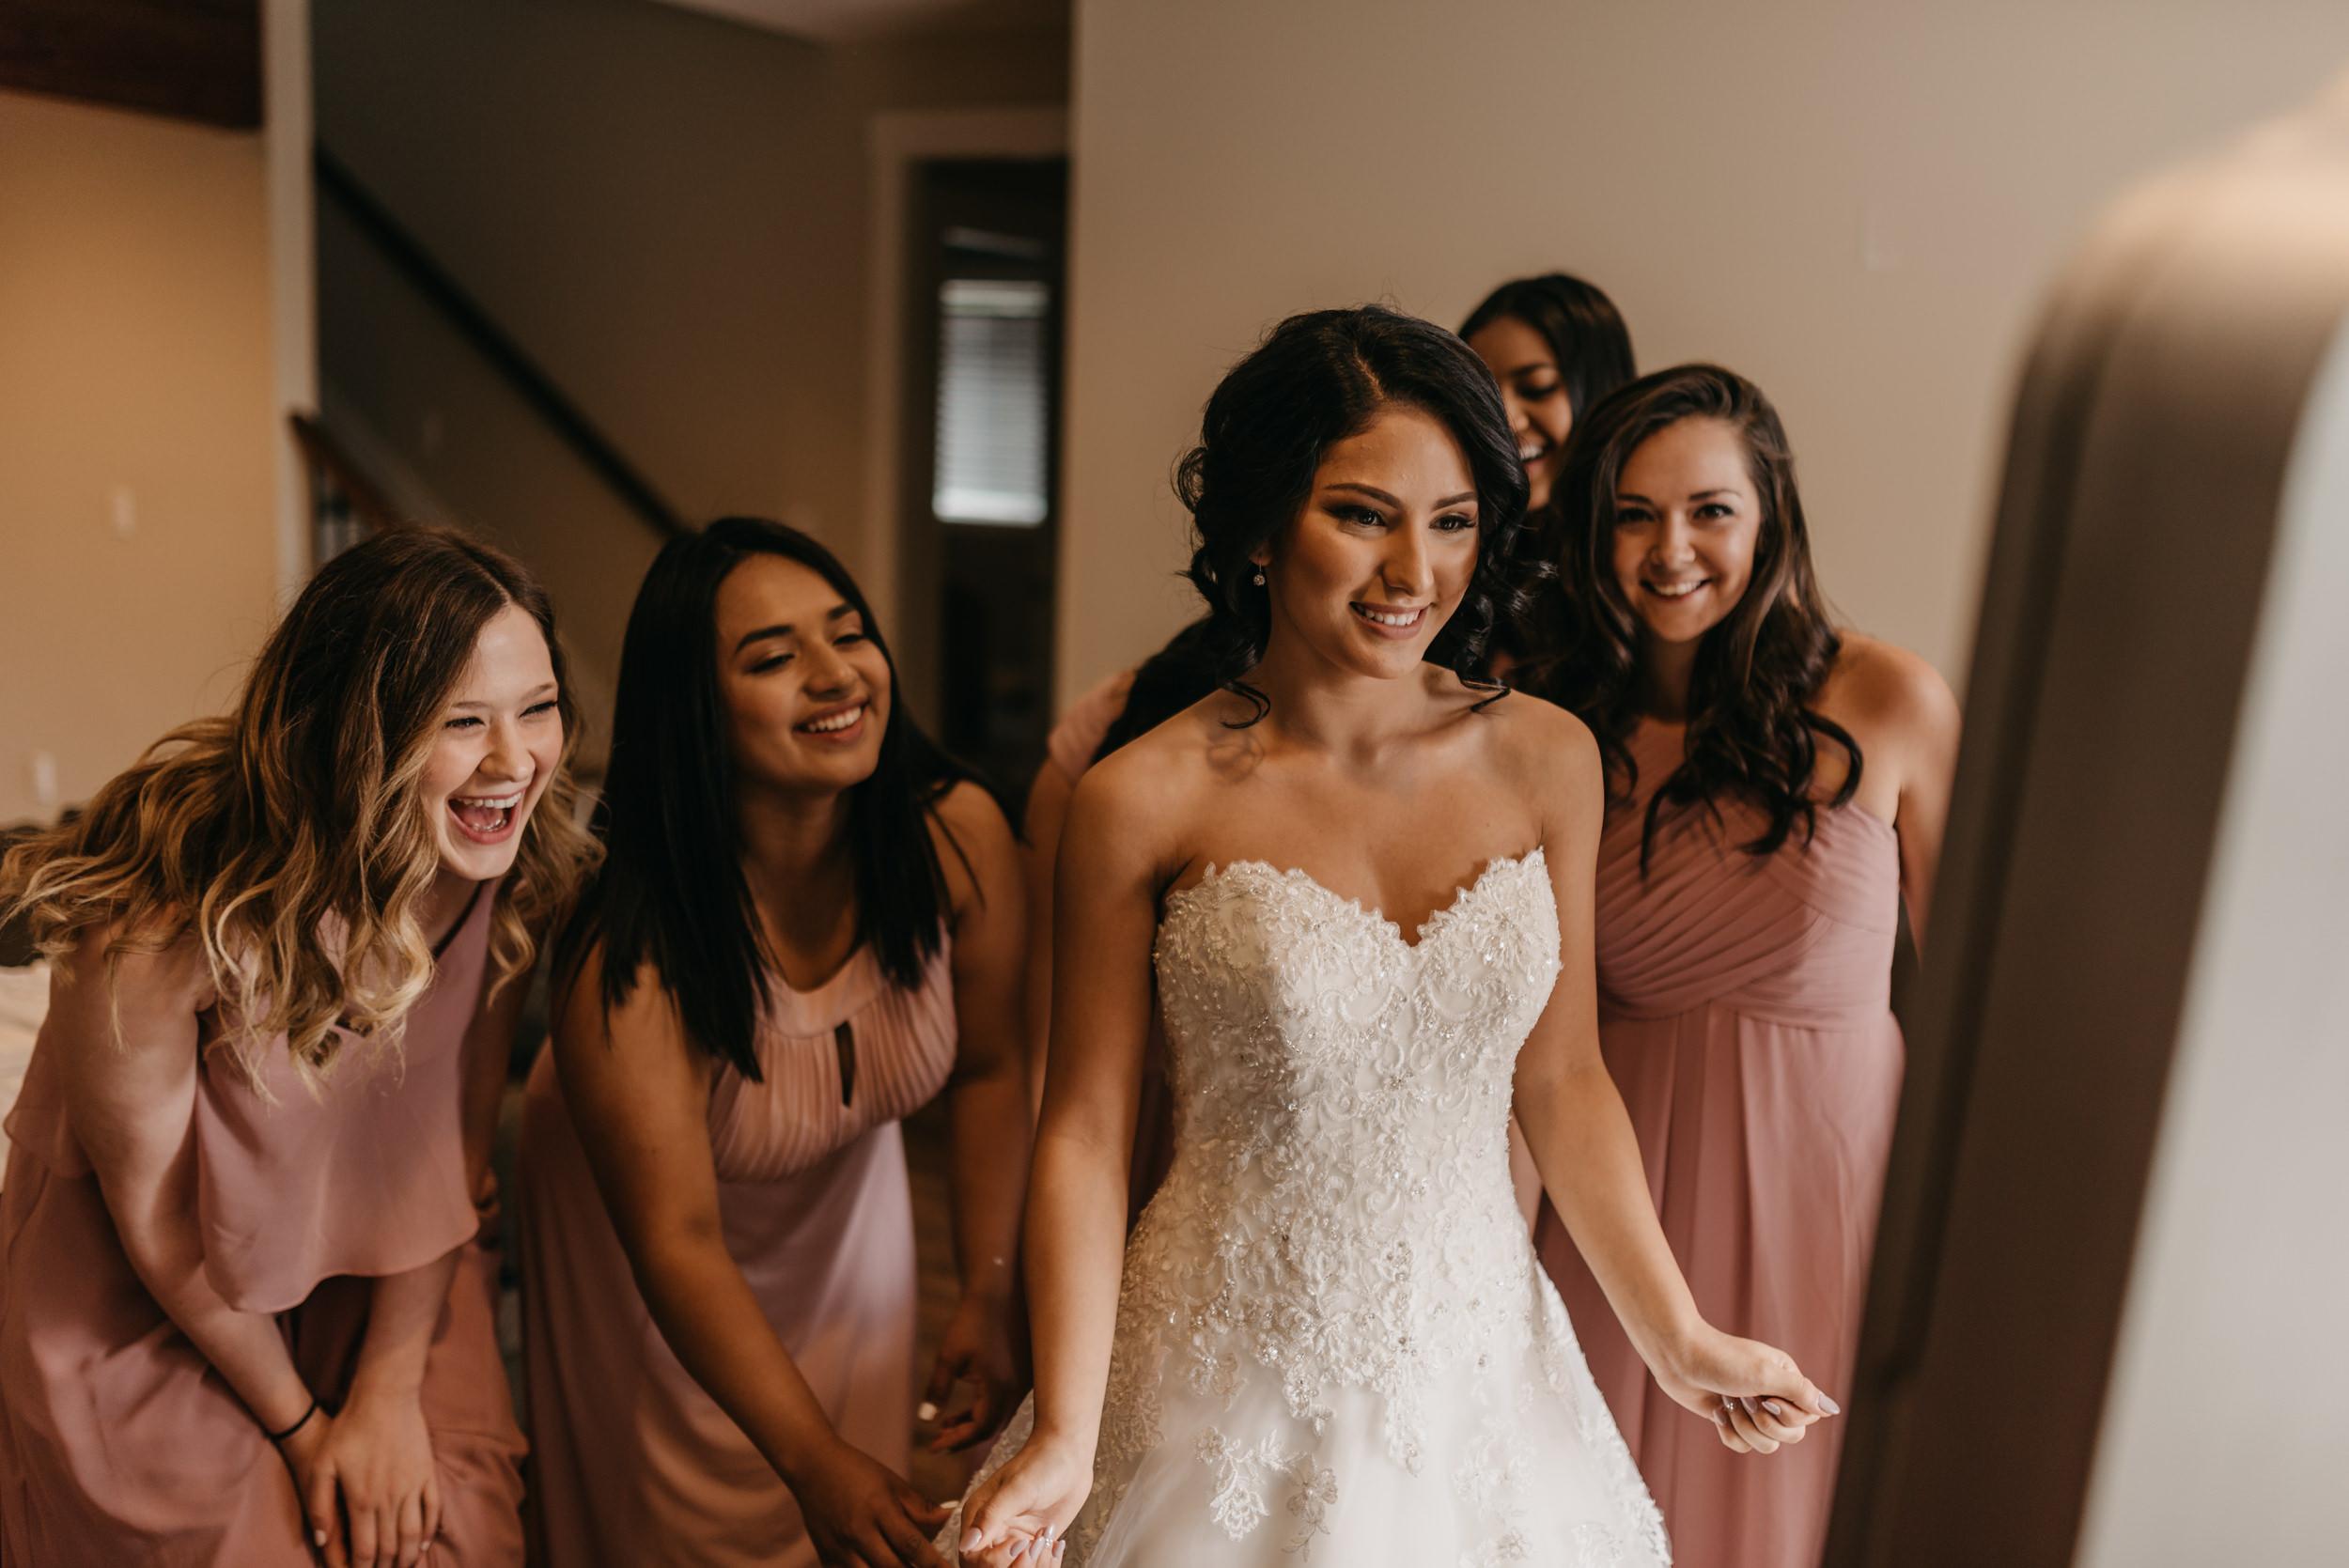 15-bride-getting-ready-groom-bridesmaids-7037.jpg